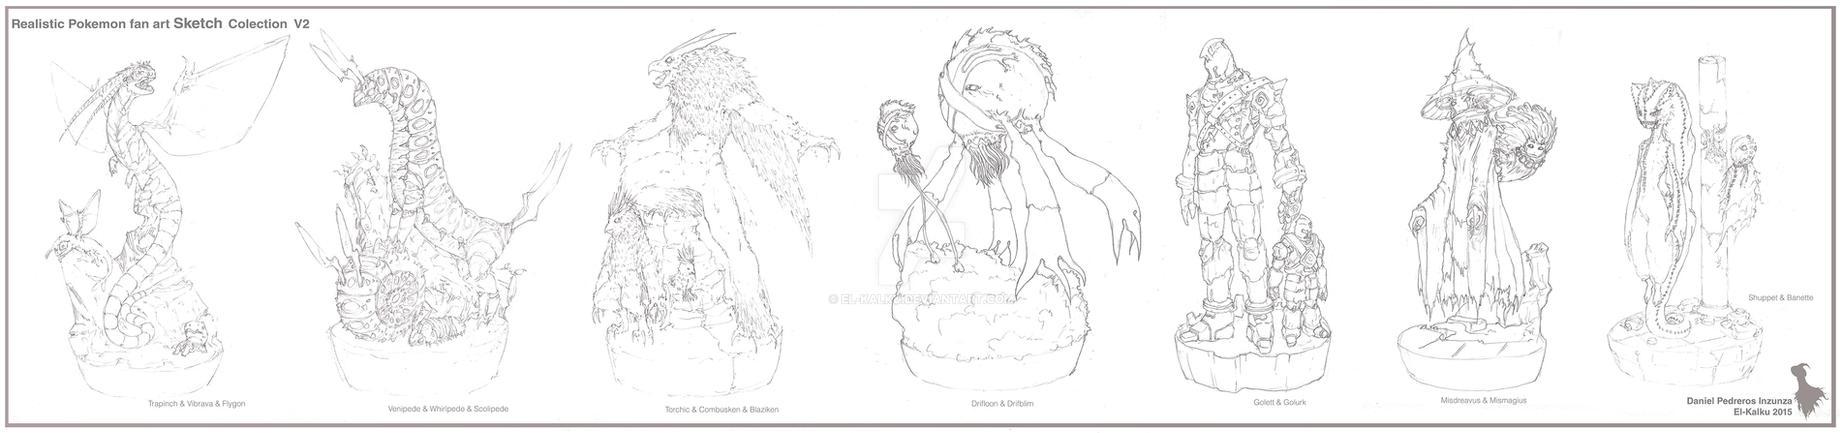 Pokemon Sketch Colection V2 By El Kalku by EL-KALKU